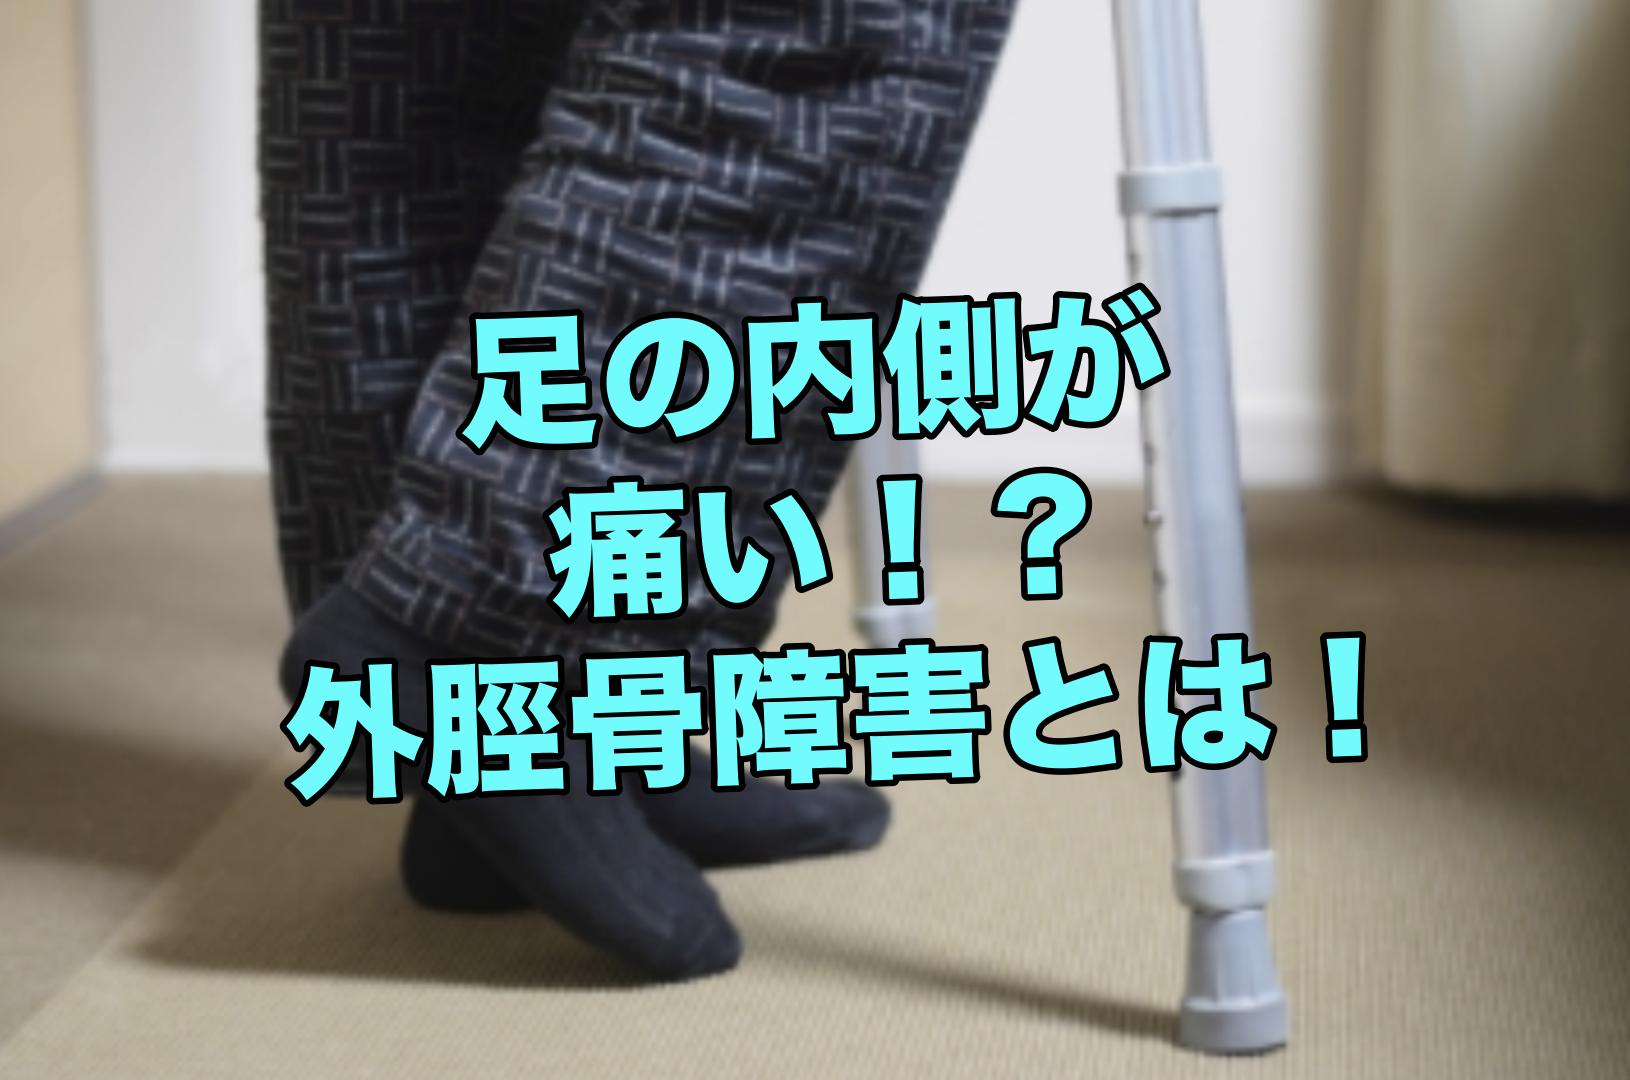 足の内側が出っ張って痛い!?外脛骨とは?【整形外科】